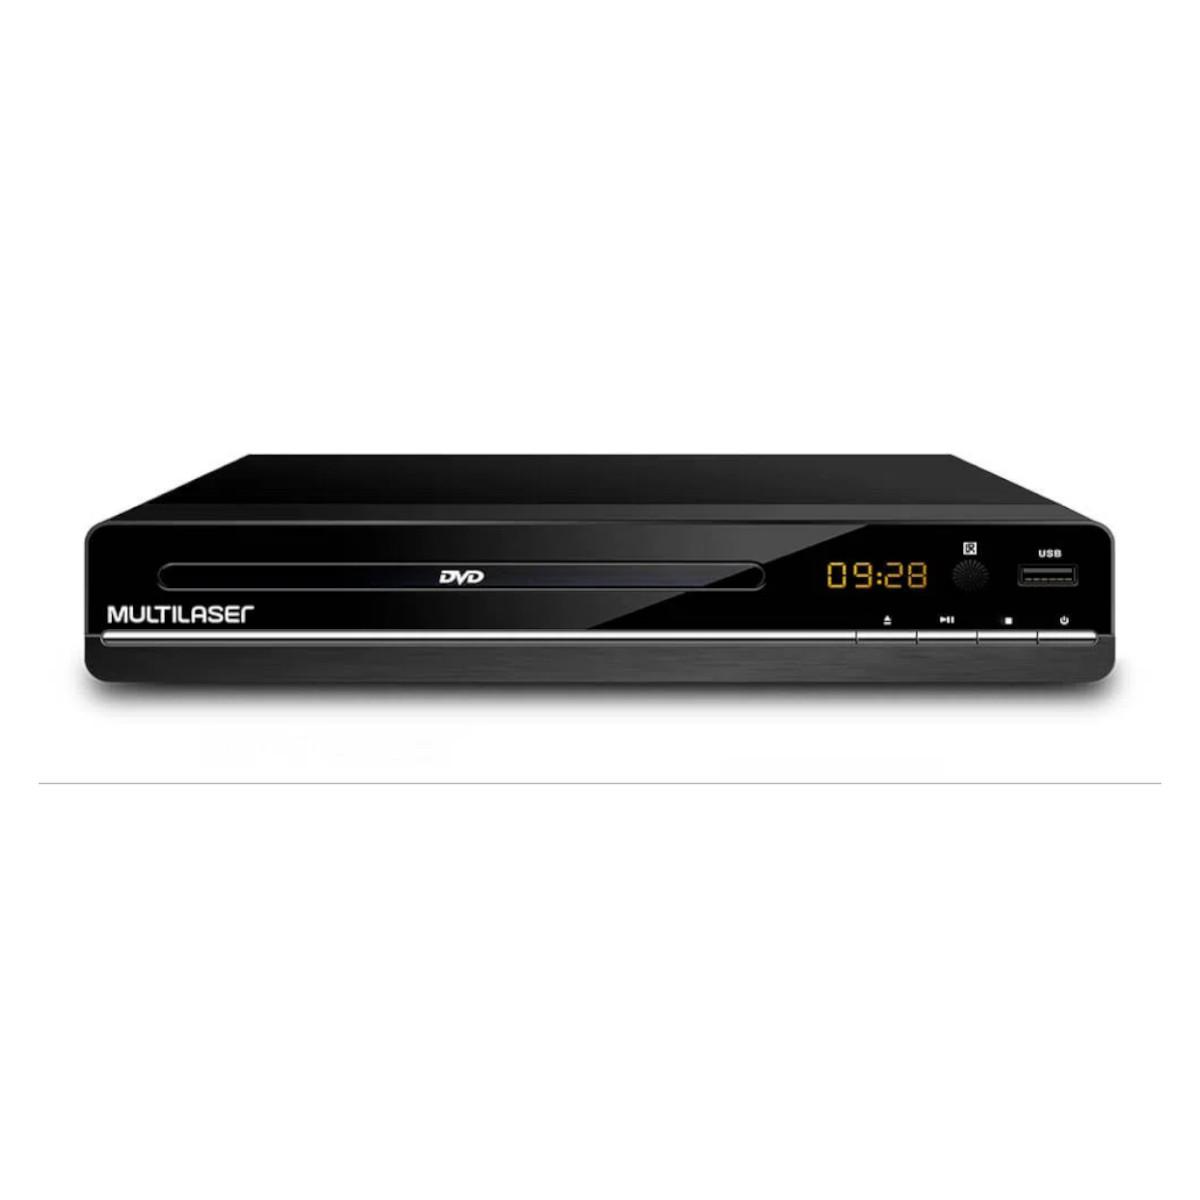 Dvd player 3 em 1 multimídia